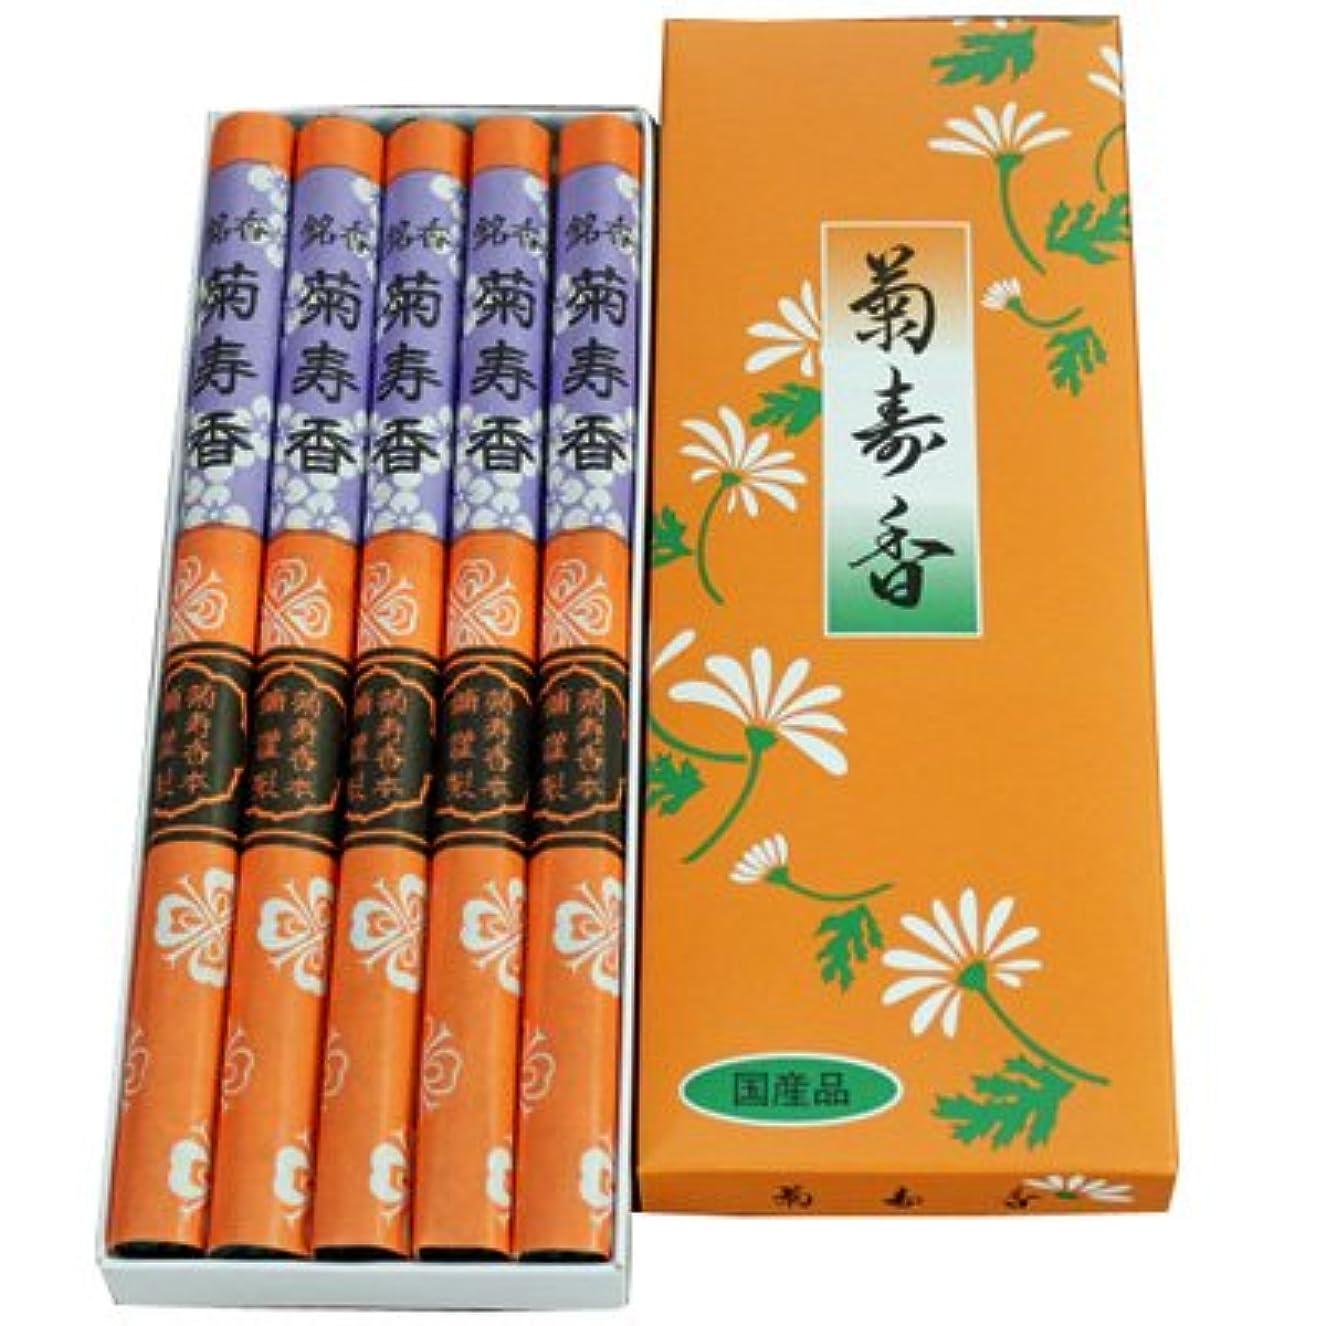 エネルギー備品ティッシュ菊寿香(5把入り) 長いお線香 杉線香